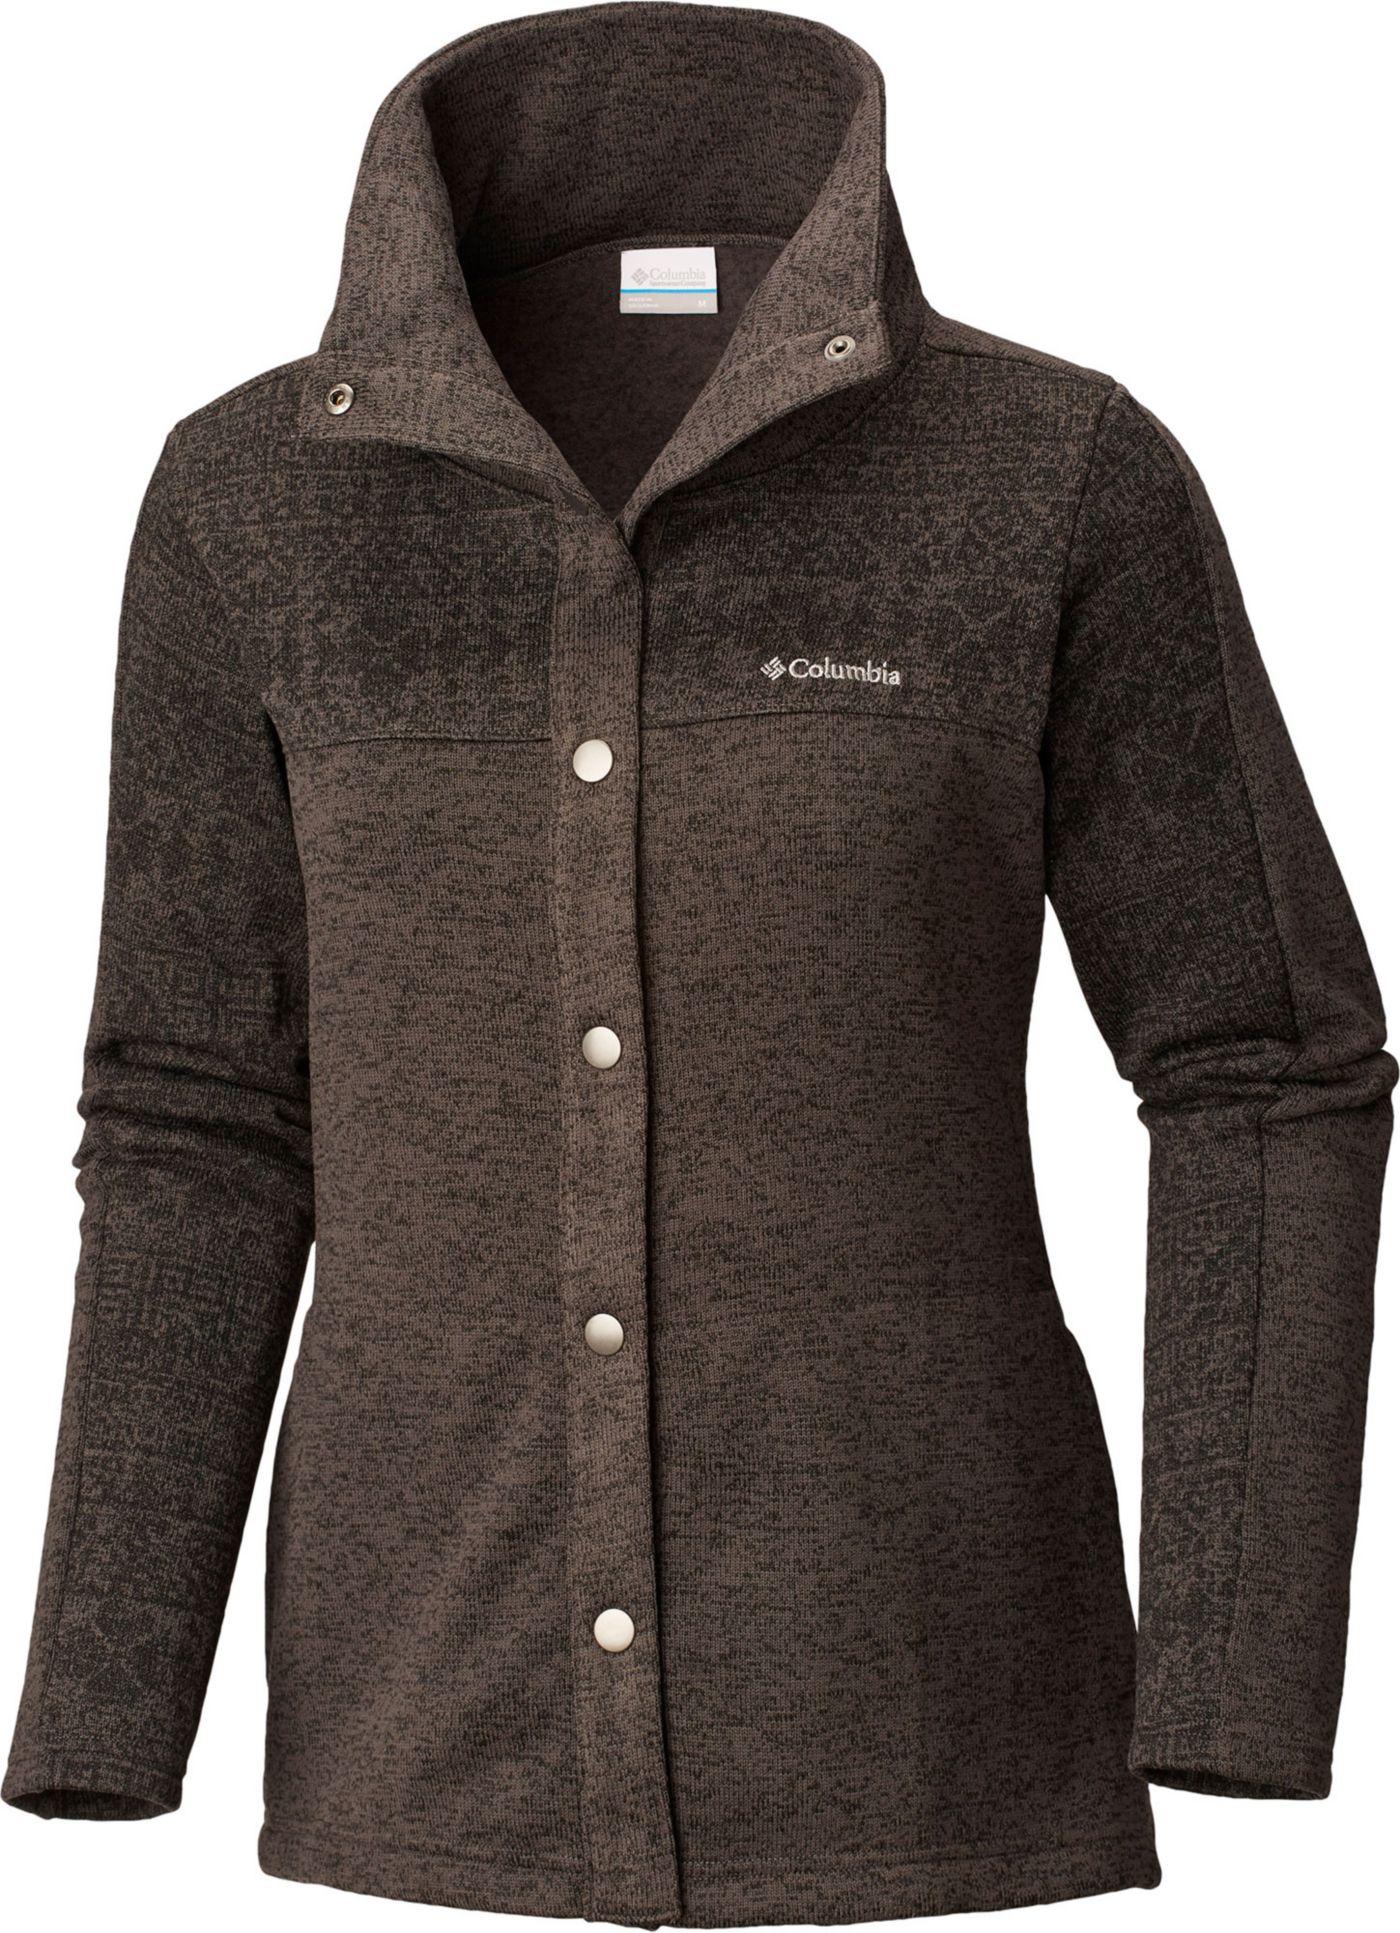 Columbia Women's Sweater Season Coat